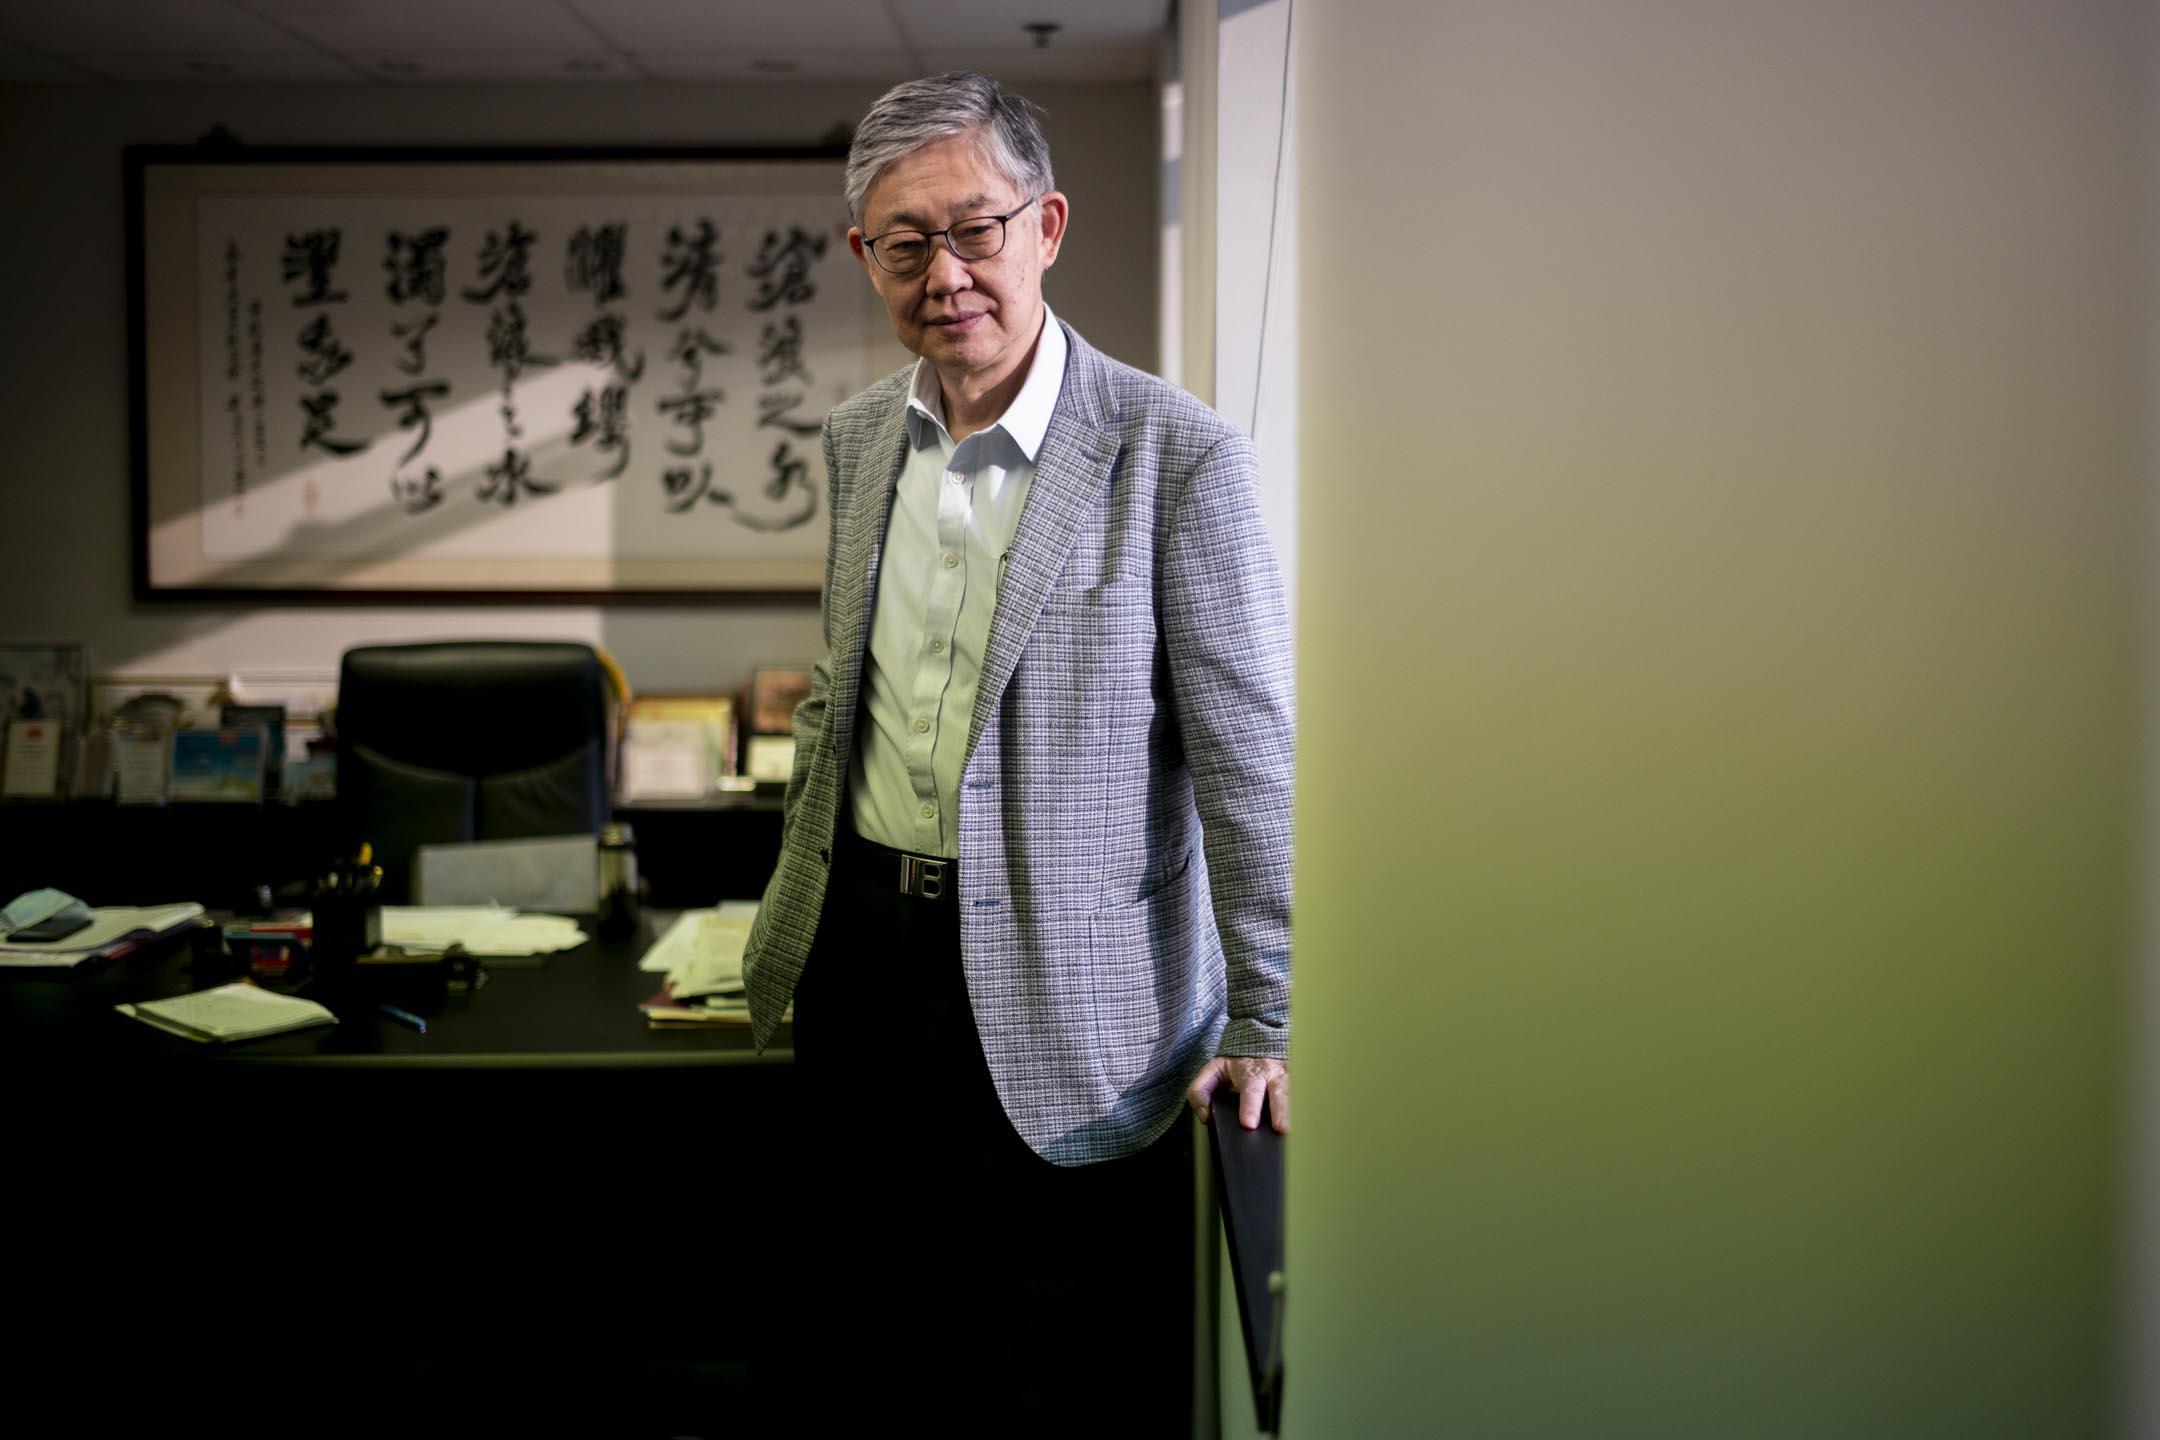 香港中原地產創辦人施永青。 攝:林振東/端傳媒